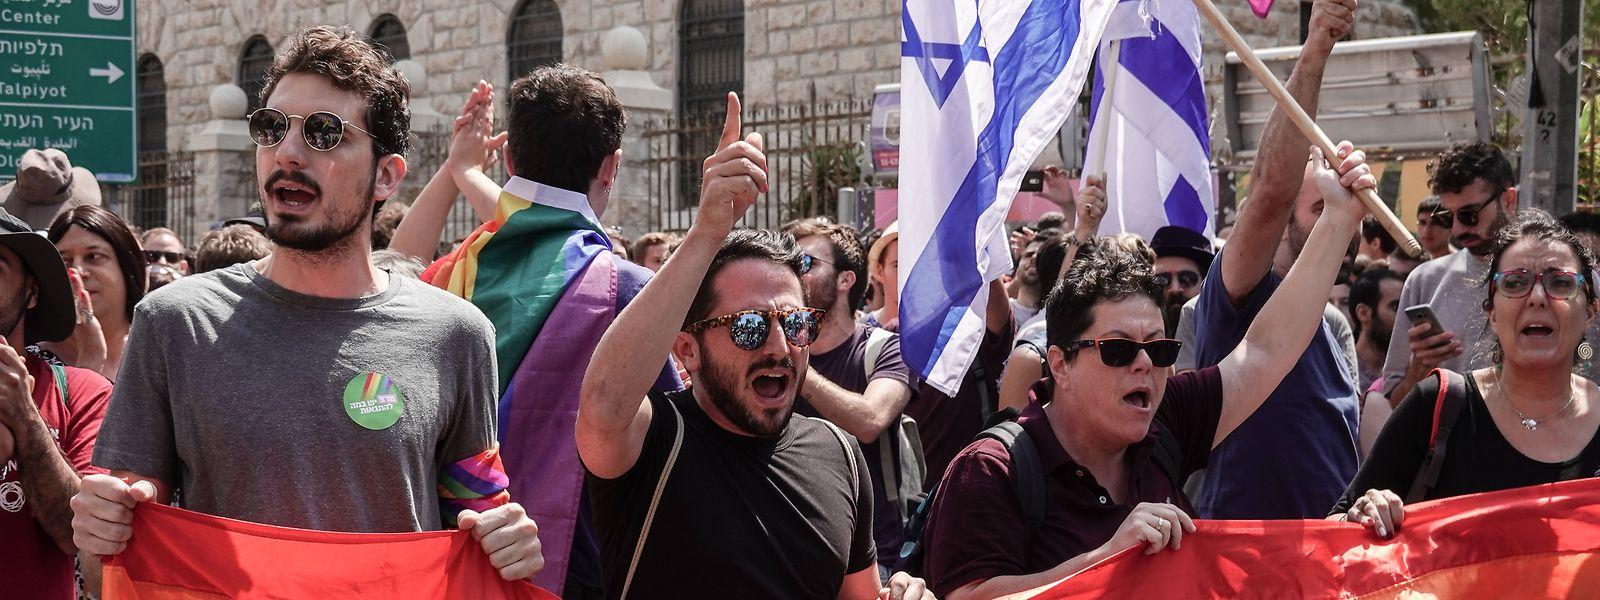 22.07.2018, Israel, Jerusalem: Mitglieder und Unterstützer der Gemeinschaft Lesbian, Gay, Bisexual und Transgender (LGBT) tragen die LGBT-Regenbogenfahne sowie die israelische Flagge und rufen Parolen. Der Protest richtet sich gegen einen letzte Woche verabschiedeten Gesetzentwurf, der es mehr Menschen ermöglicht, eine Leihmutterschaft inAnspruch zu nehmen, homosexuellen Paaren diese Möglichkeit jedoch verwehrt. Foto: Nir Alon/ZUMA Wire/dpa +++ dpa-Bildfunk +++